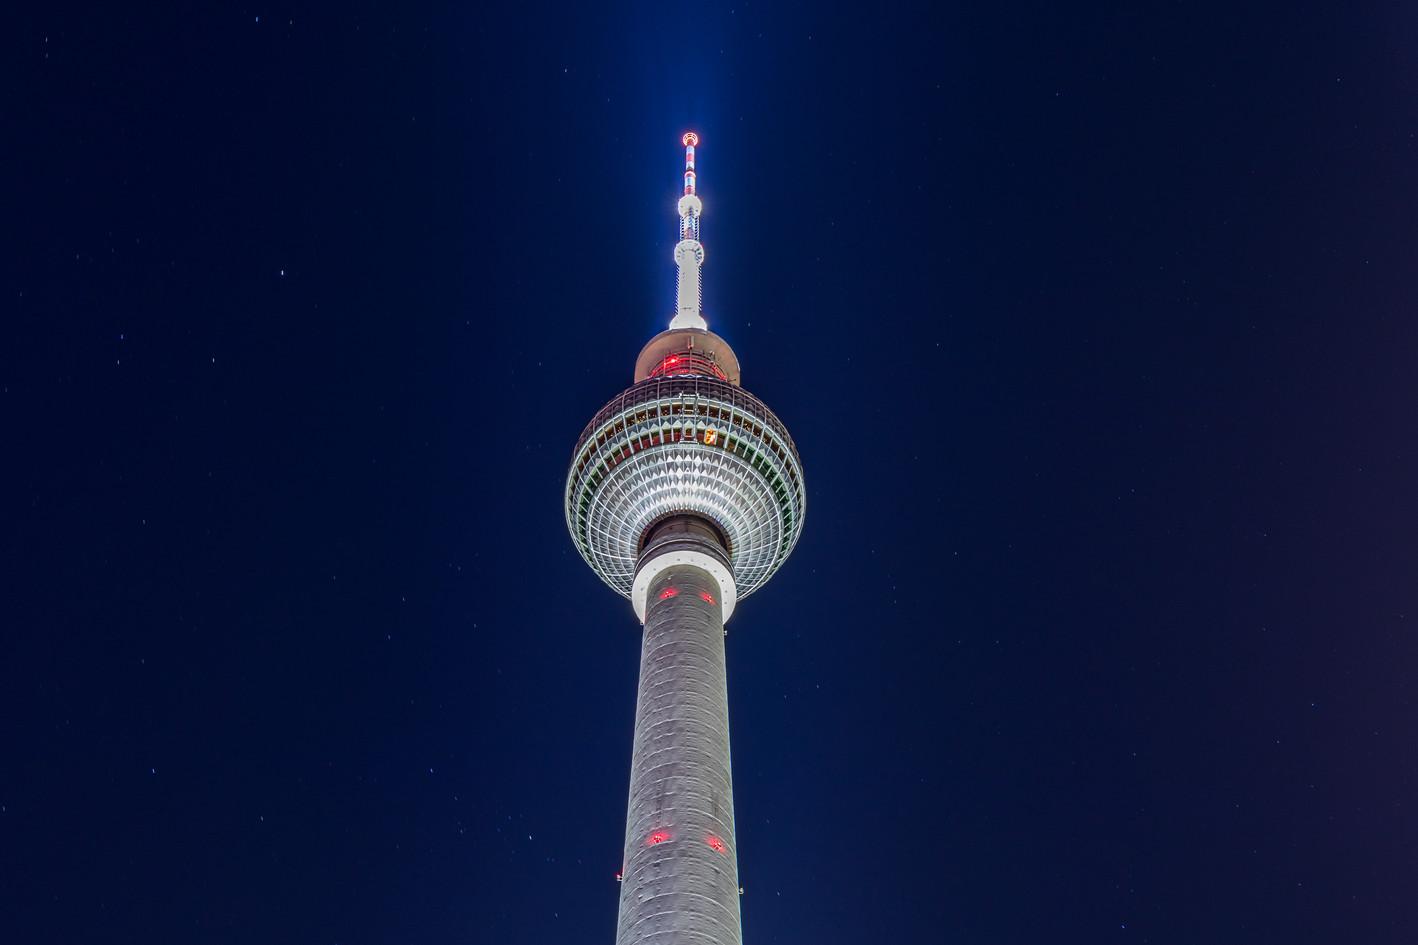 La Tour de Télévision de Berlin